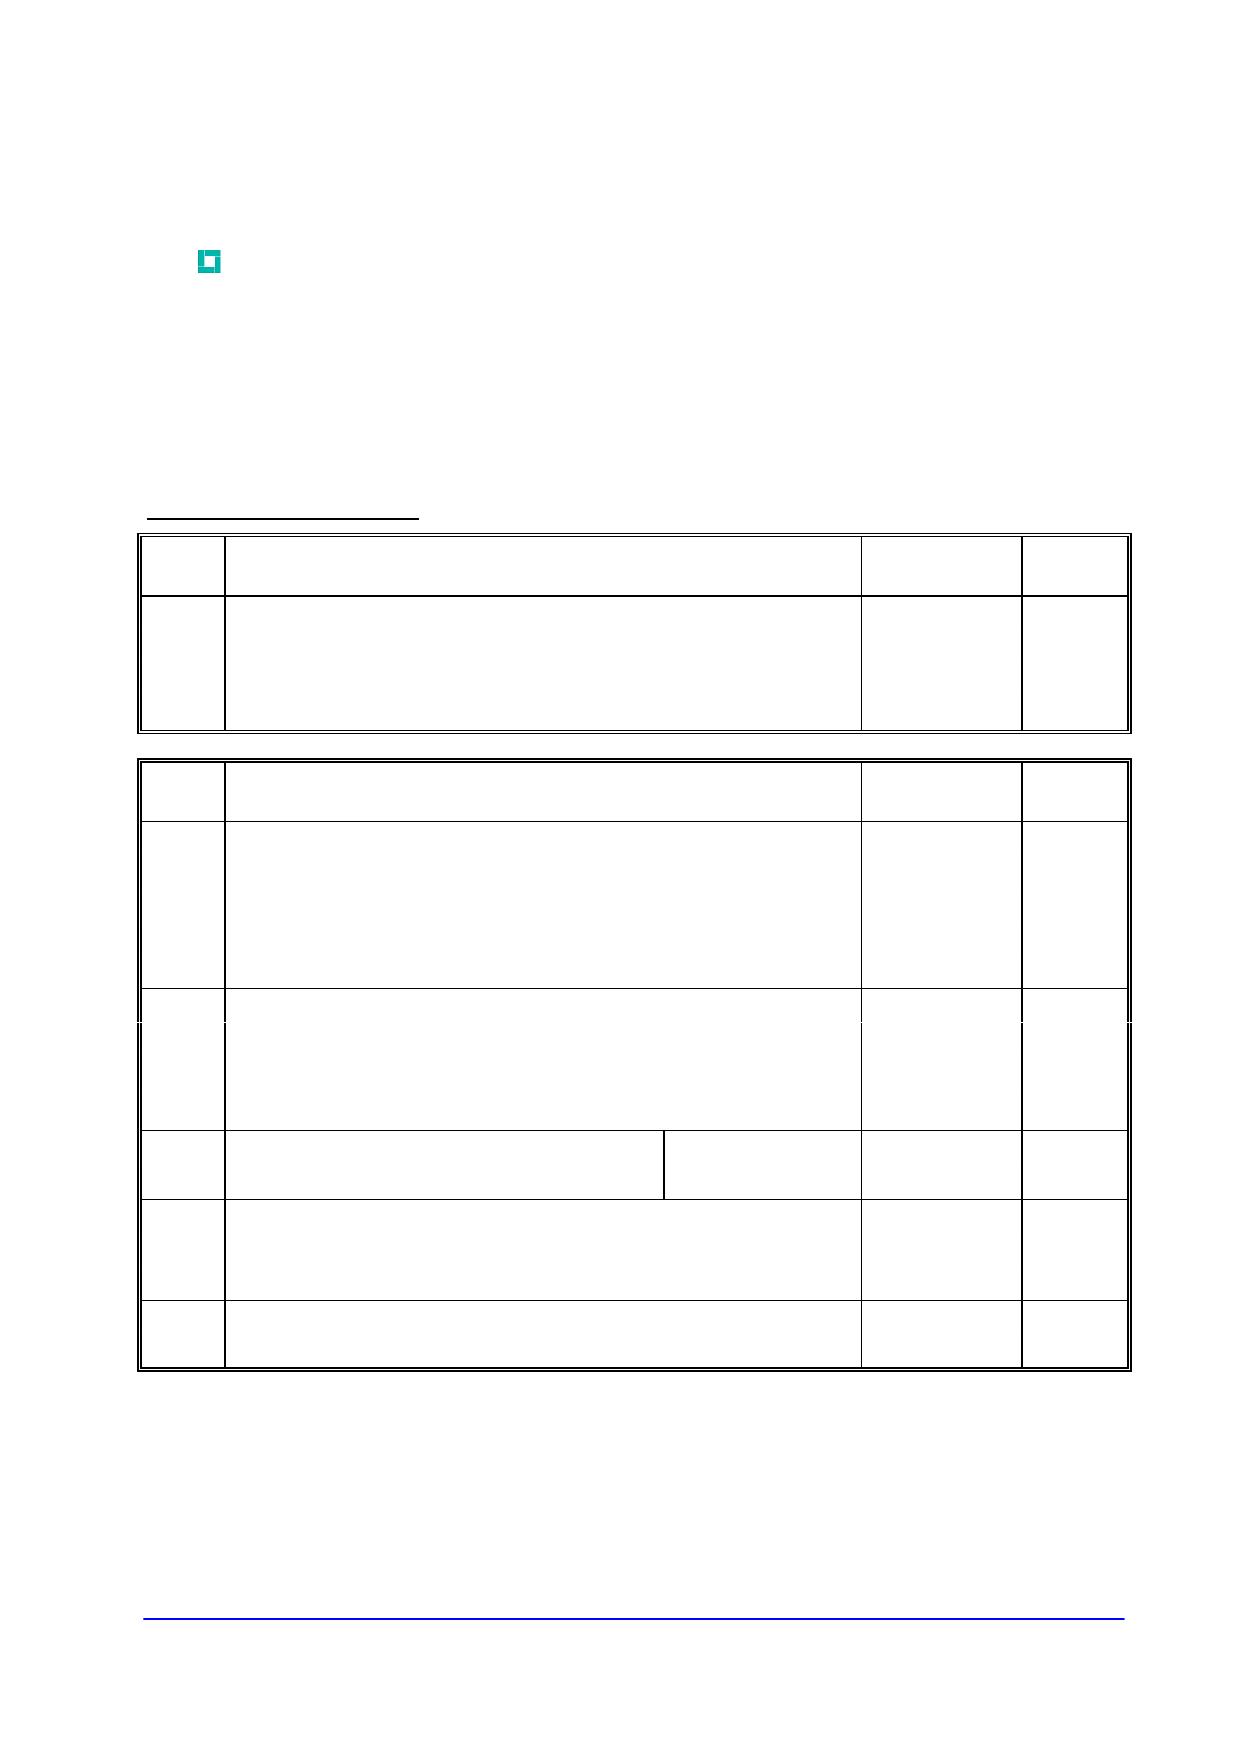 K0443LG640 datasheet